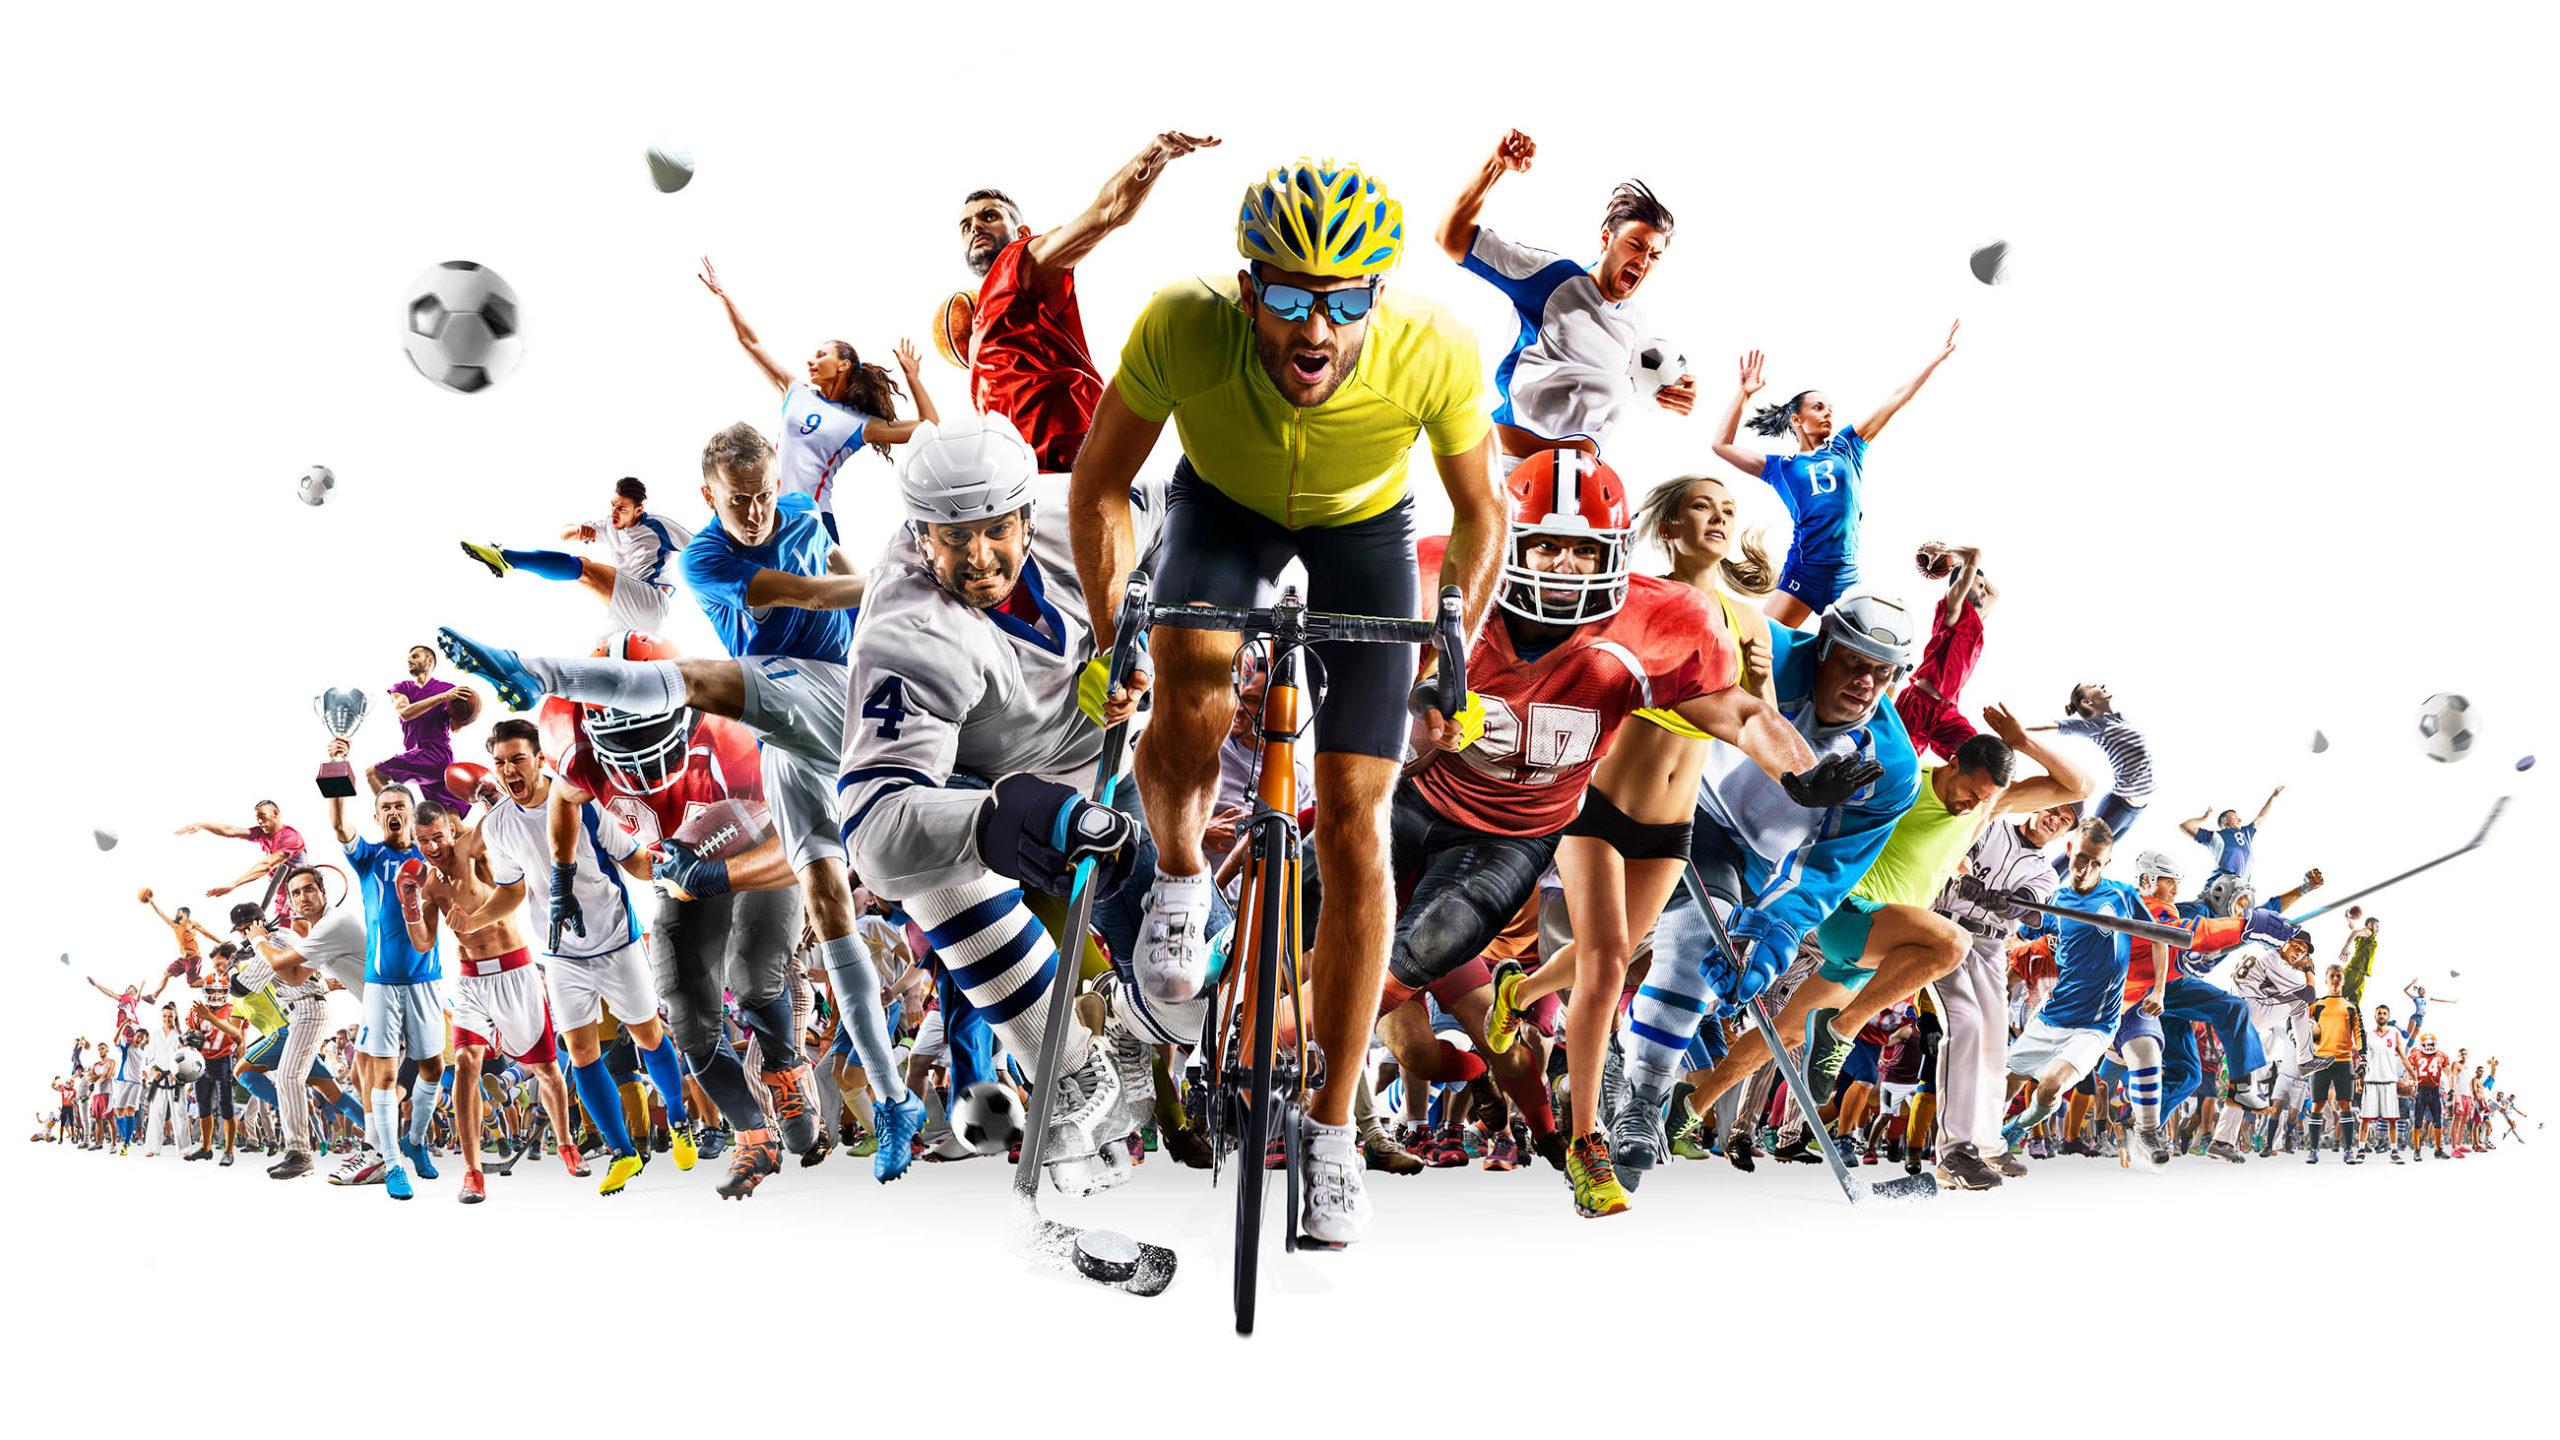 Eine Menge von verschiedenen Athleten mit einem Radfahrer an der Vorderseite